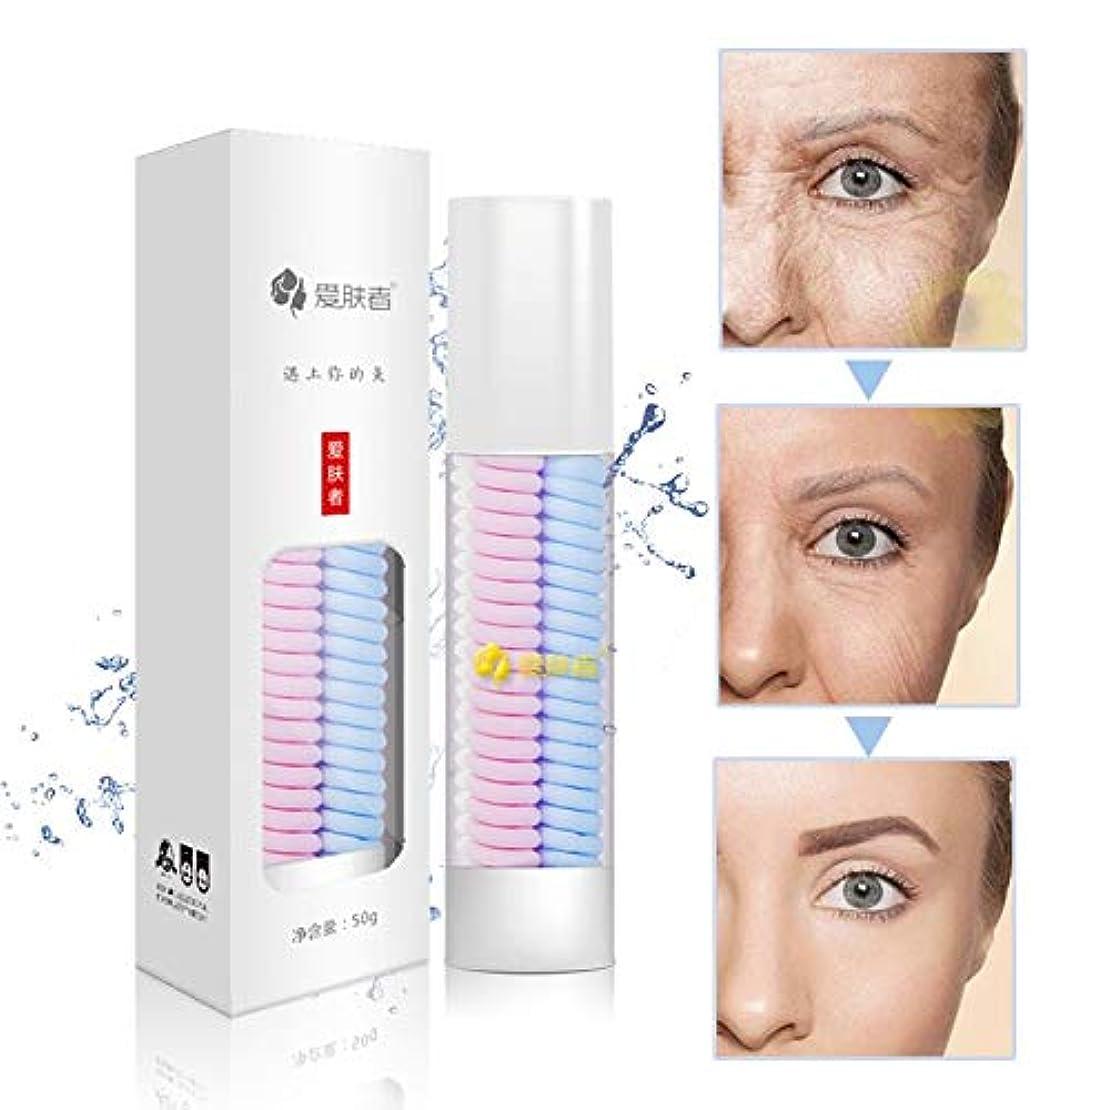 オーバーコートスキム啓示保湿顔寧クリームの電子抗しわ年齢ケアのRIR cremasはhidratante顔面edad抗faciales